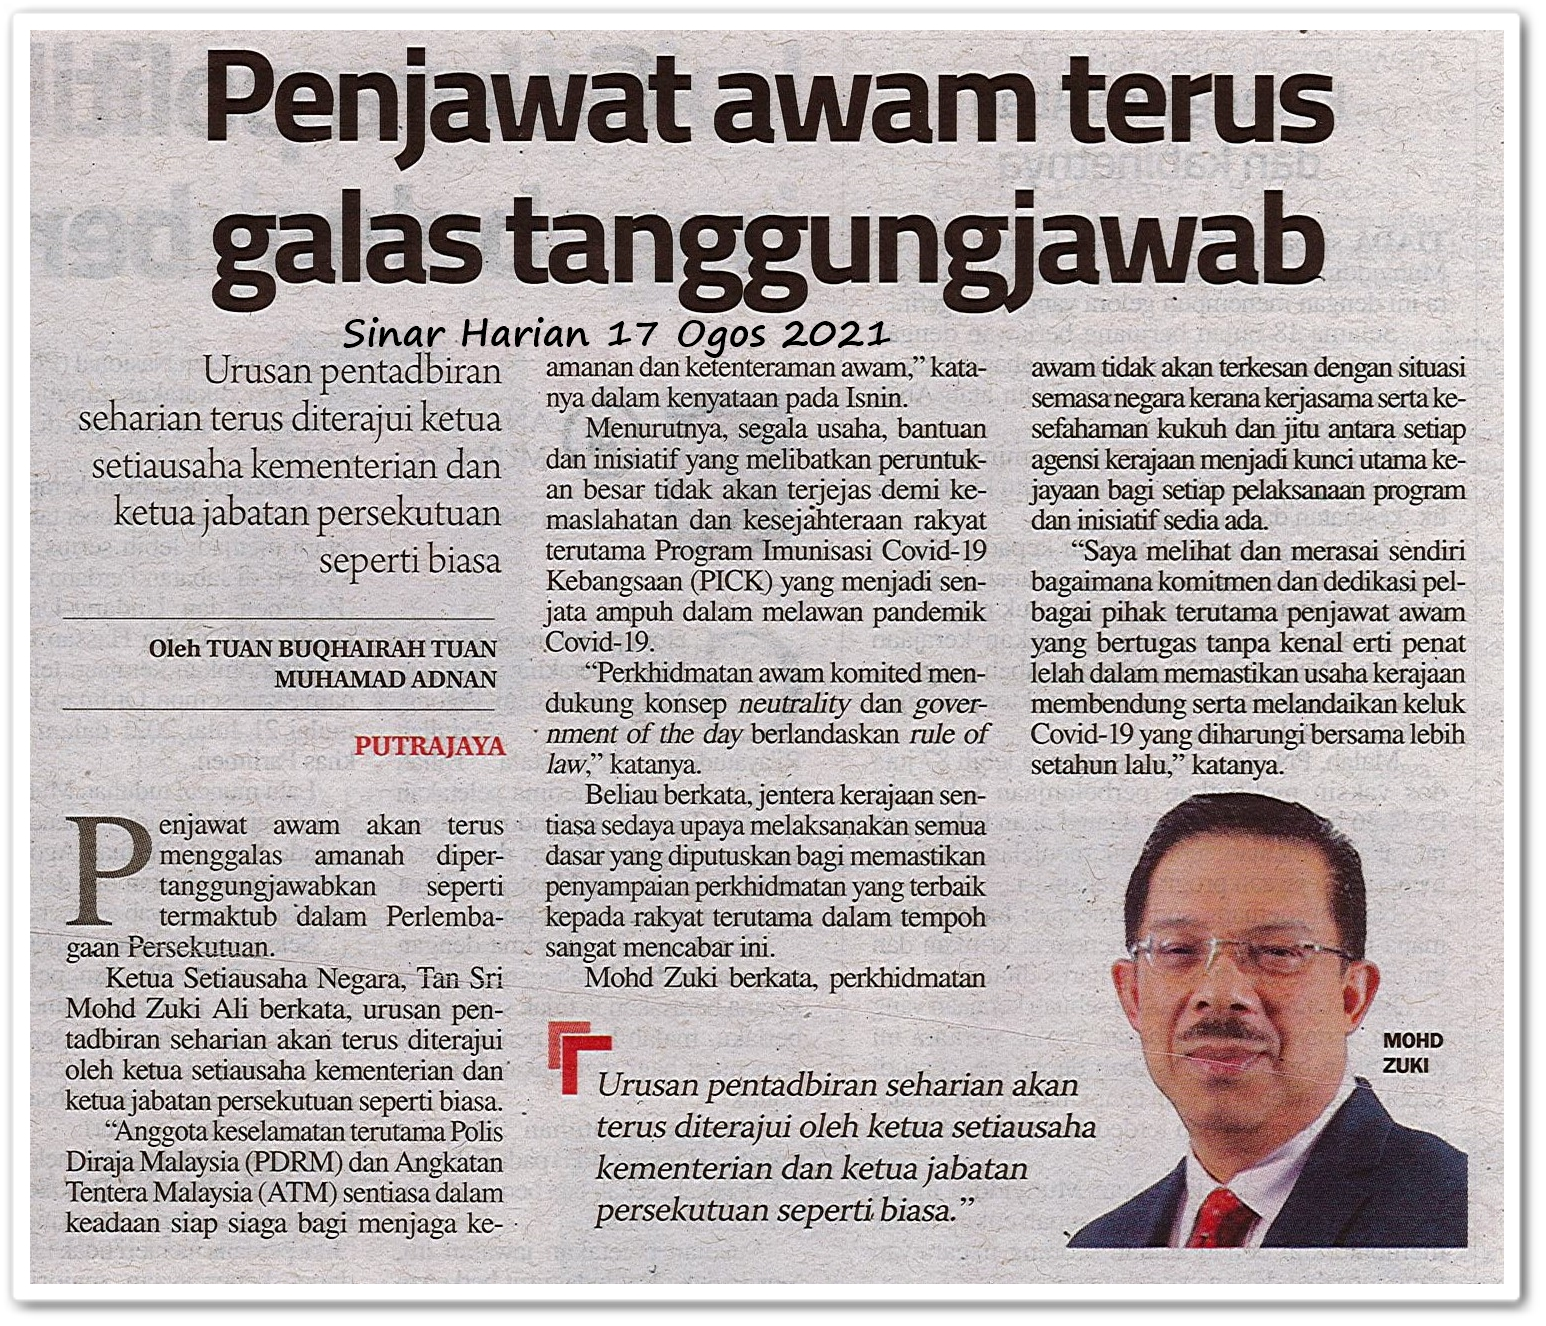 Penjawat awam terus galas tanggungjawab - Keratan akhbar Sinar Harian 17 Ogos 2021